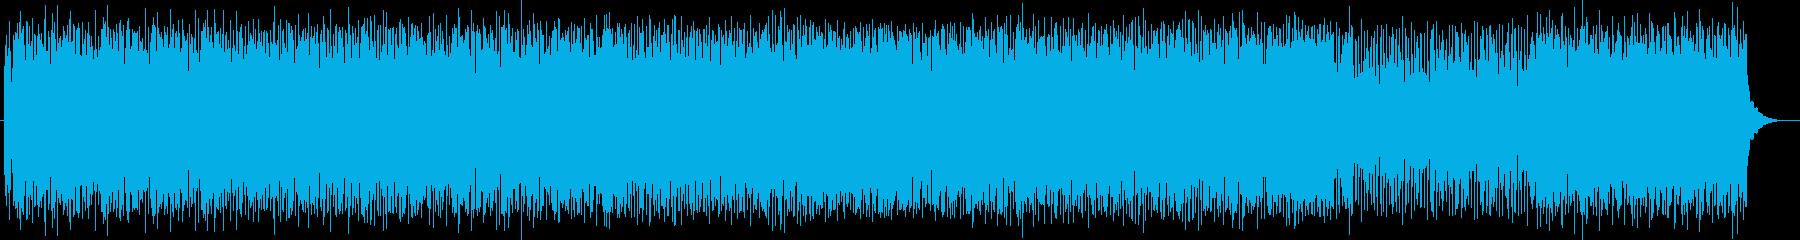 疾走感のあるポップなシンセの曲の再生済みの波形